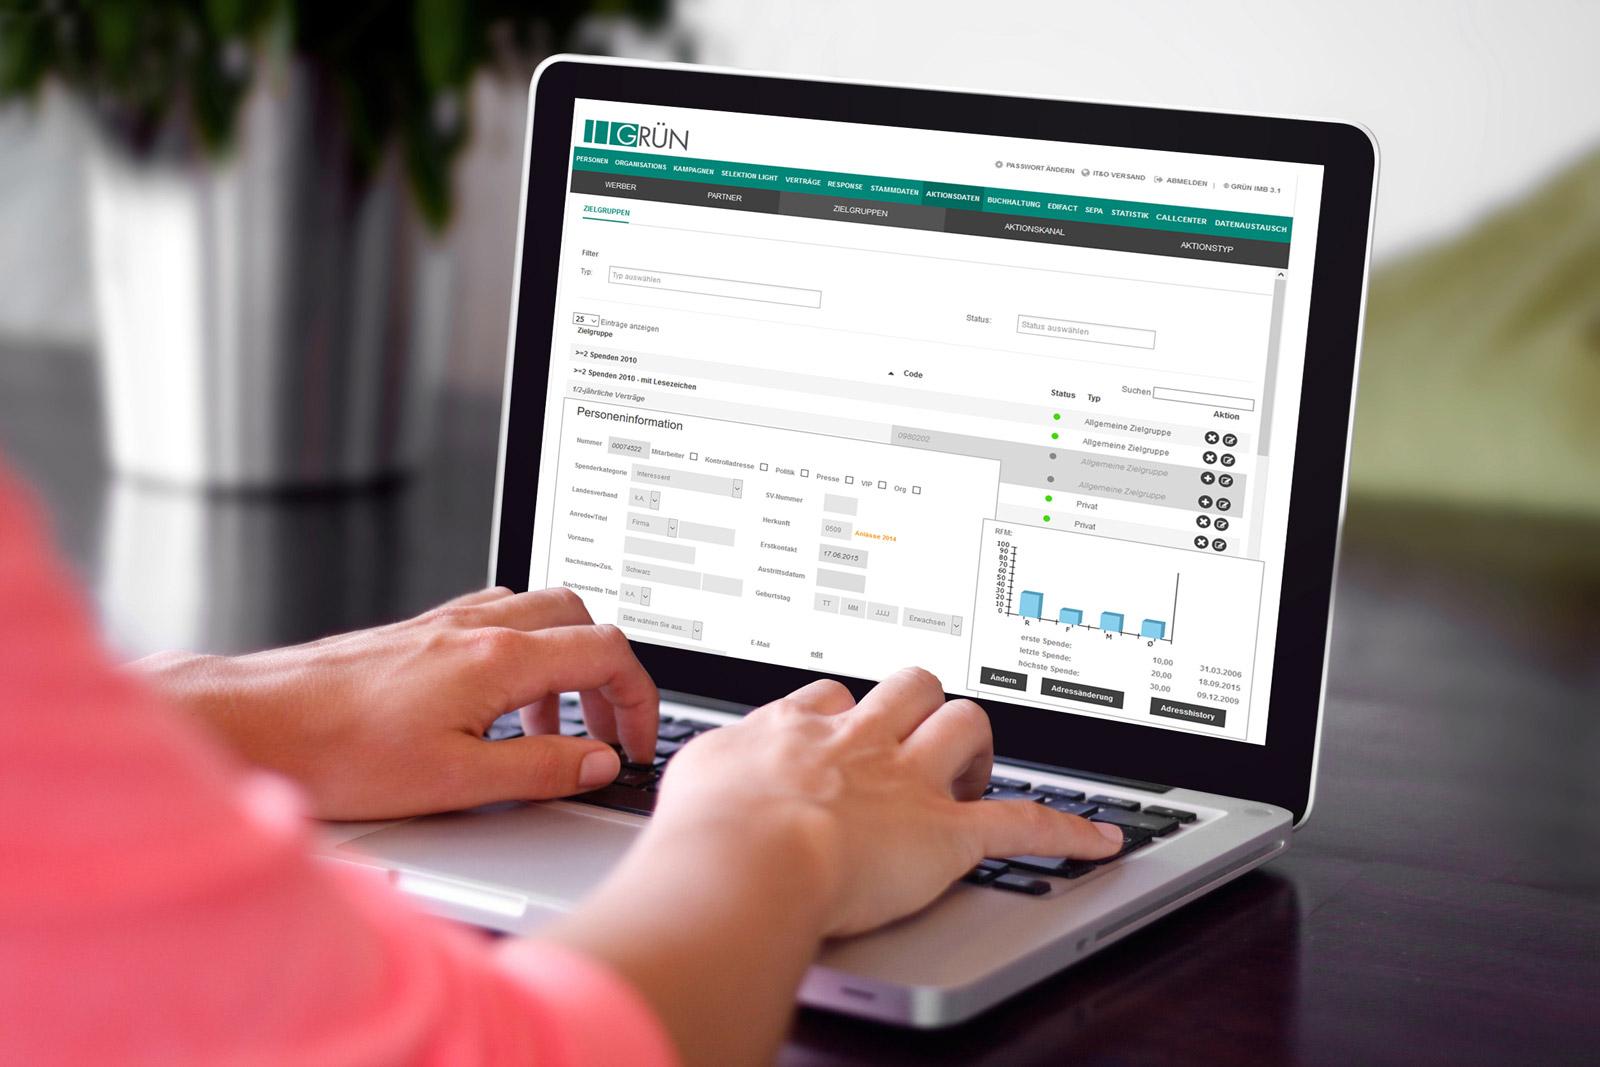 GRÜN IMB, die Software für Spendenorganisationen mit dem Schwerpunkt des automatisierten Kampagnenmanagements, wurde in der Version 2.8 grafisch überarbeitet.